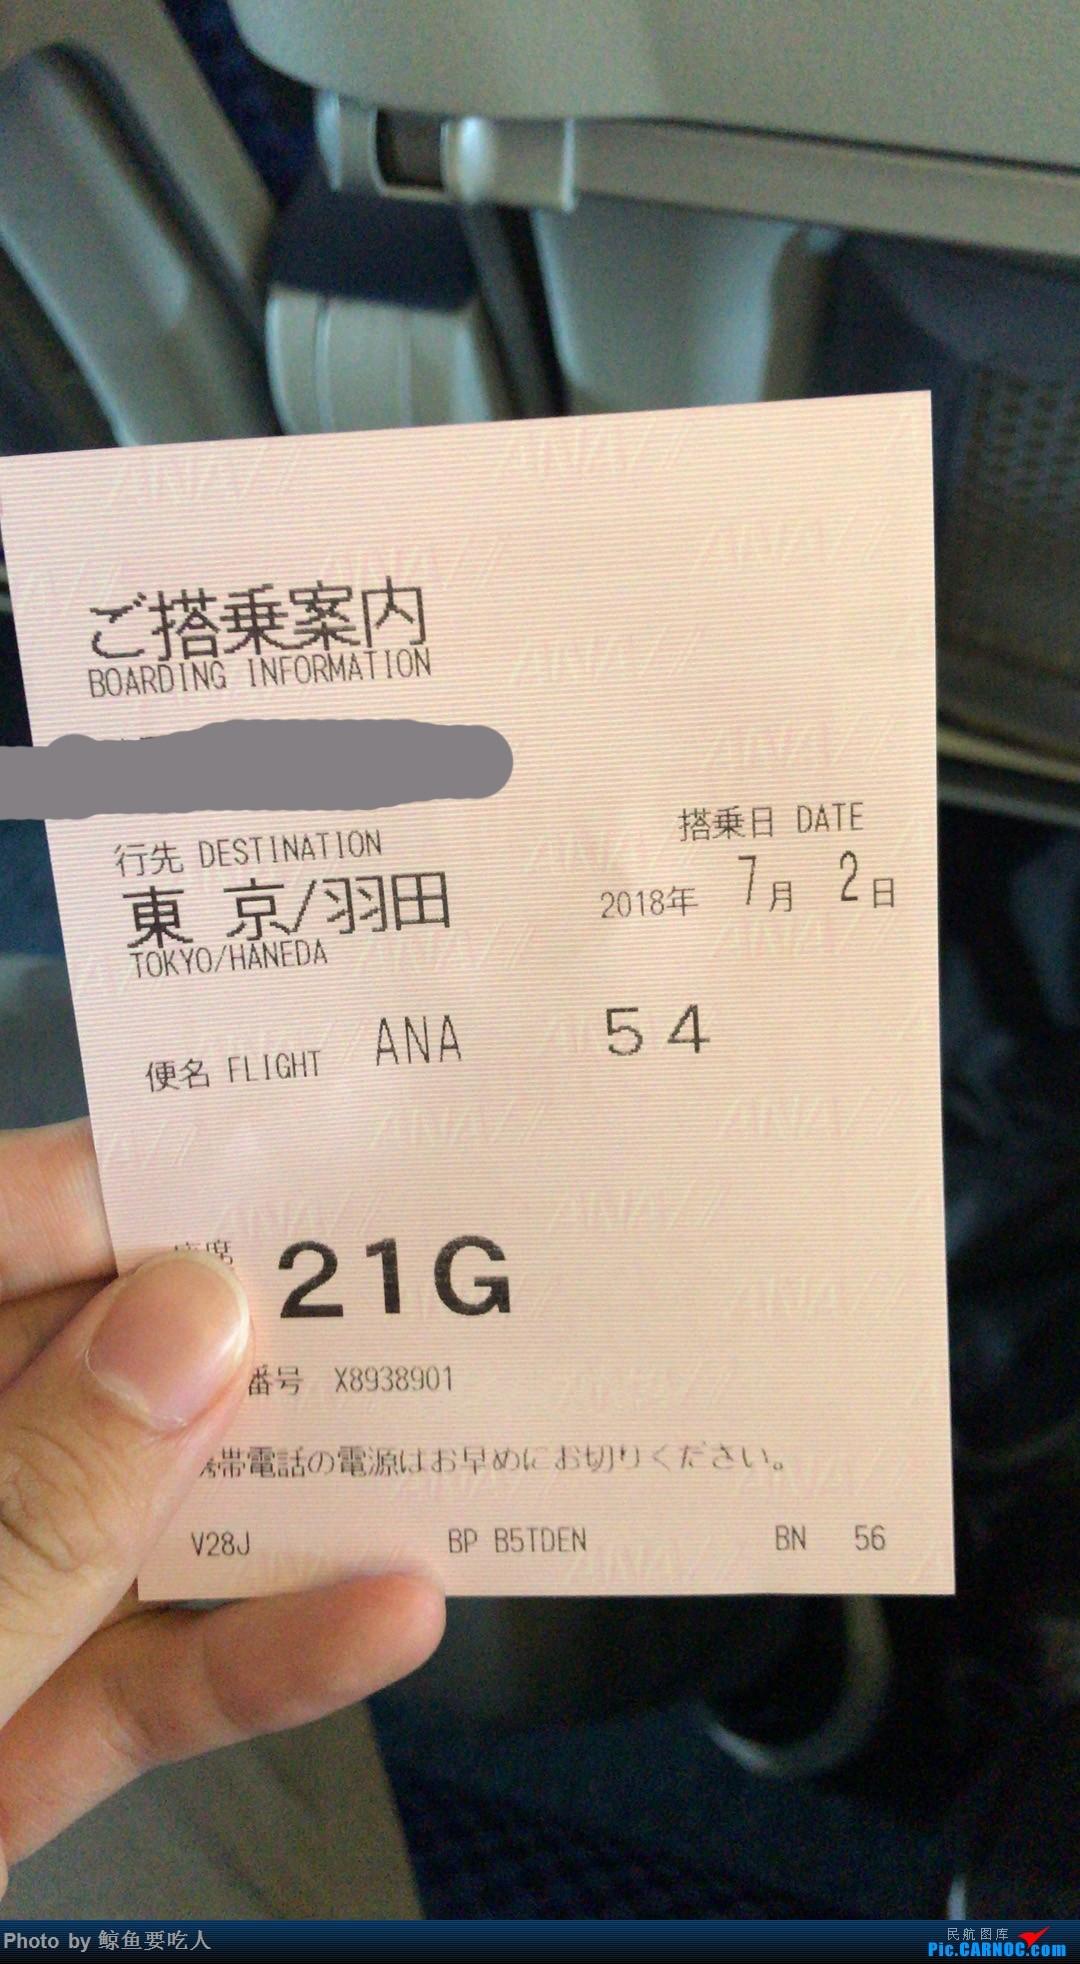 Re:[原创]梅雨季节的日本行:北海道+东京 6日自由行 南京--札幌--东京--上海虹桥 新千岁与羽田的拍机之旅